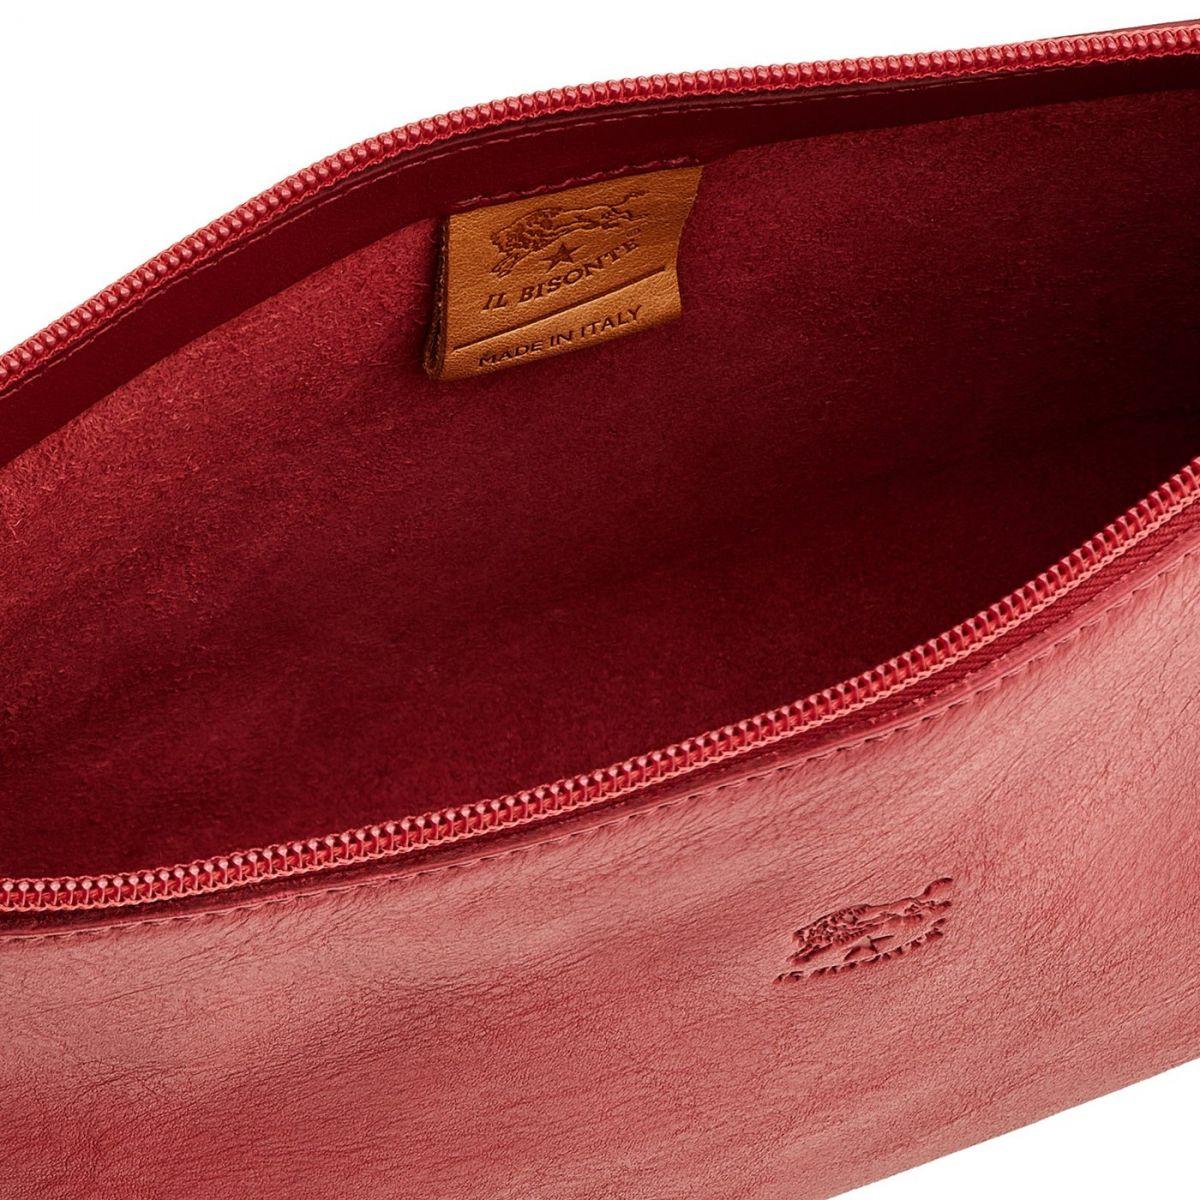 Women's Shoulder Bag Salina in Cowhide Leather BSH092 color Sumac | Details